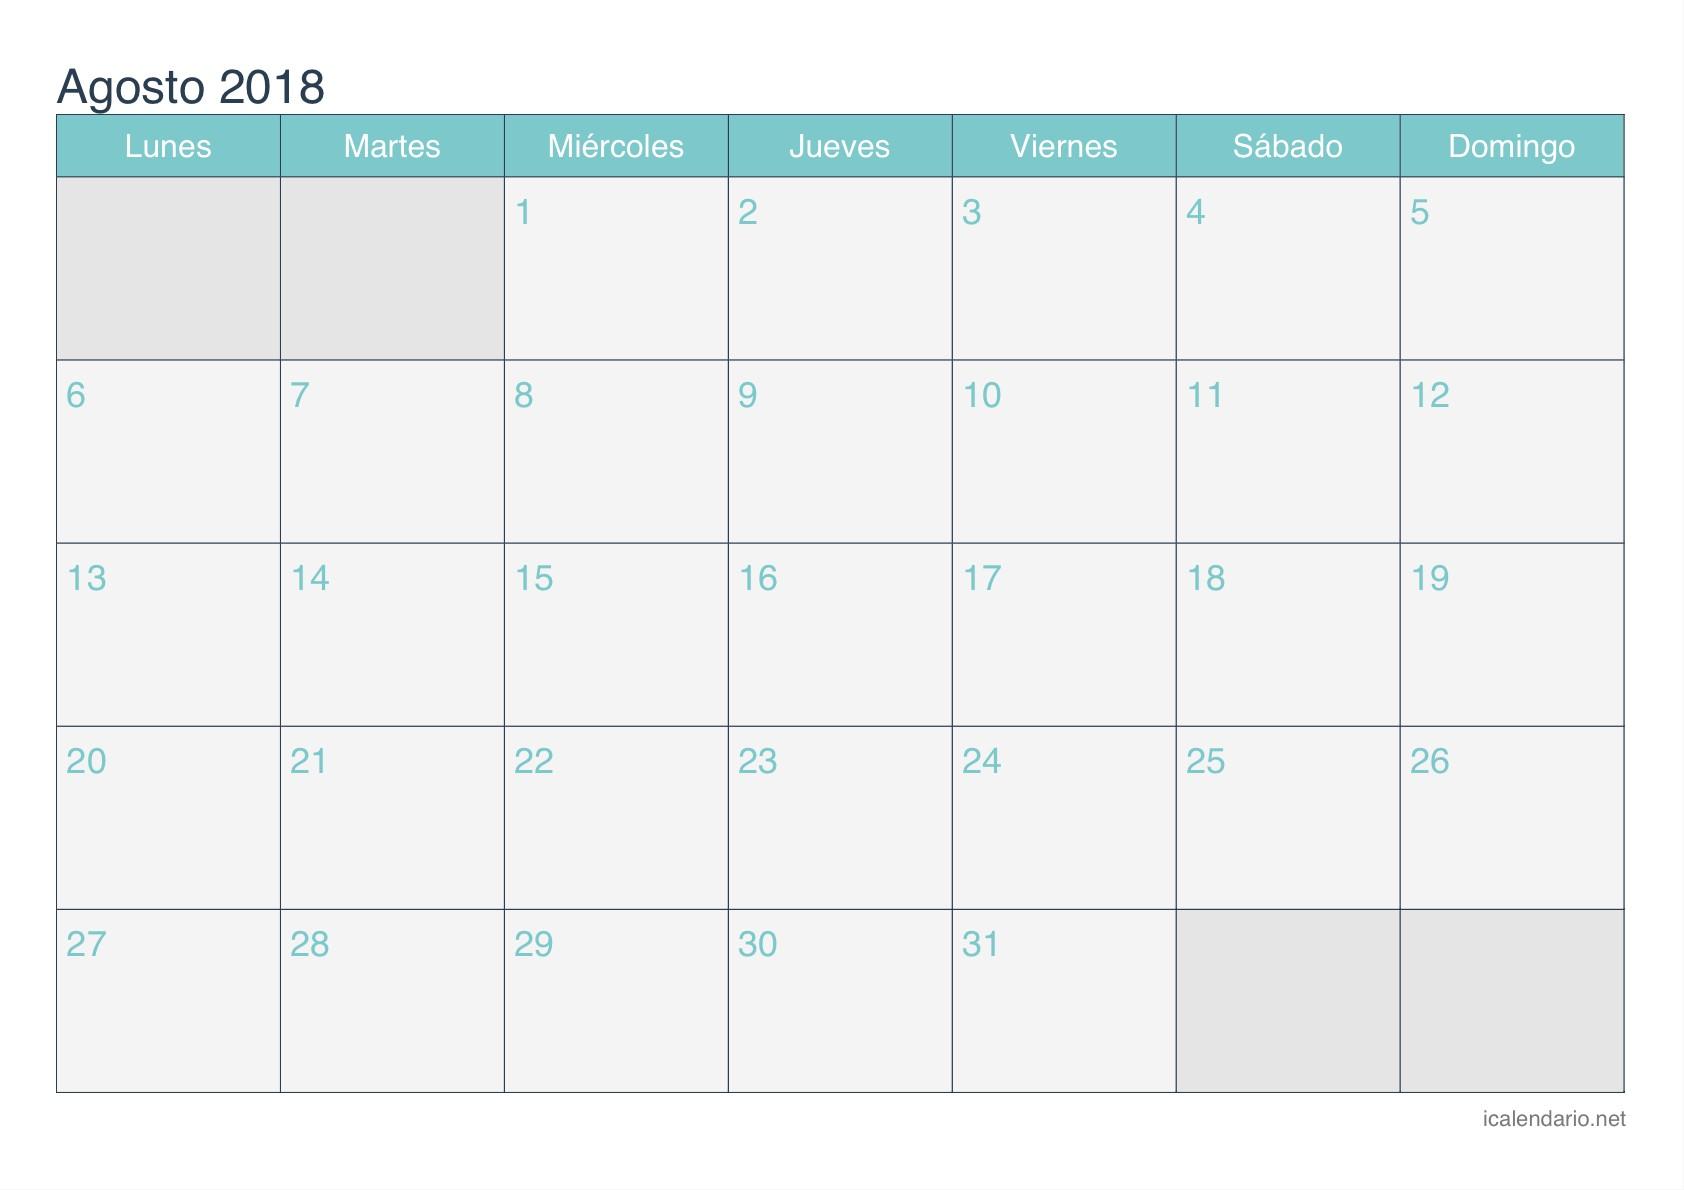 Imprimir Calendario Julio Agosto Y Septiembre 2019 Más Caliente Calendario Agosto 2018 Para Imprimir Icalendario Of Imprimir Calendario Julio Agosto Y Septiembre 2019 Más Actual Agip Calendario Mensual